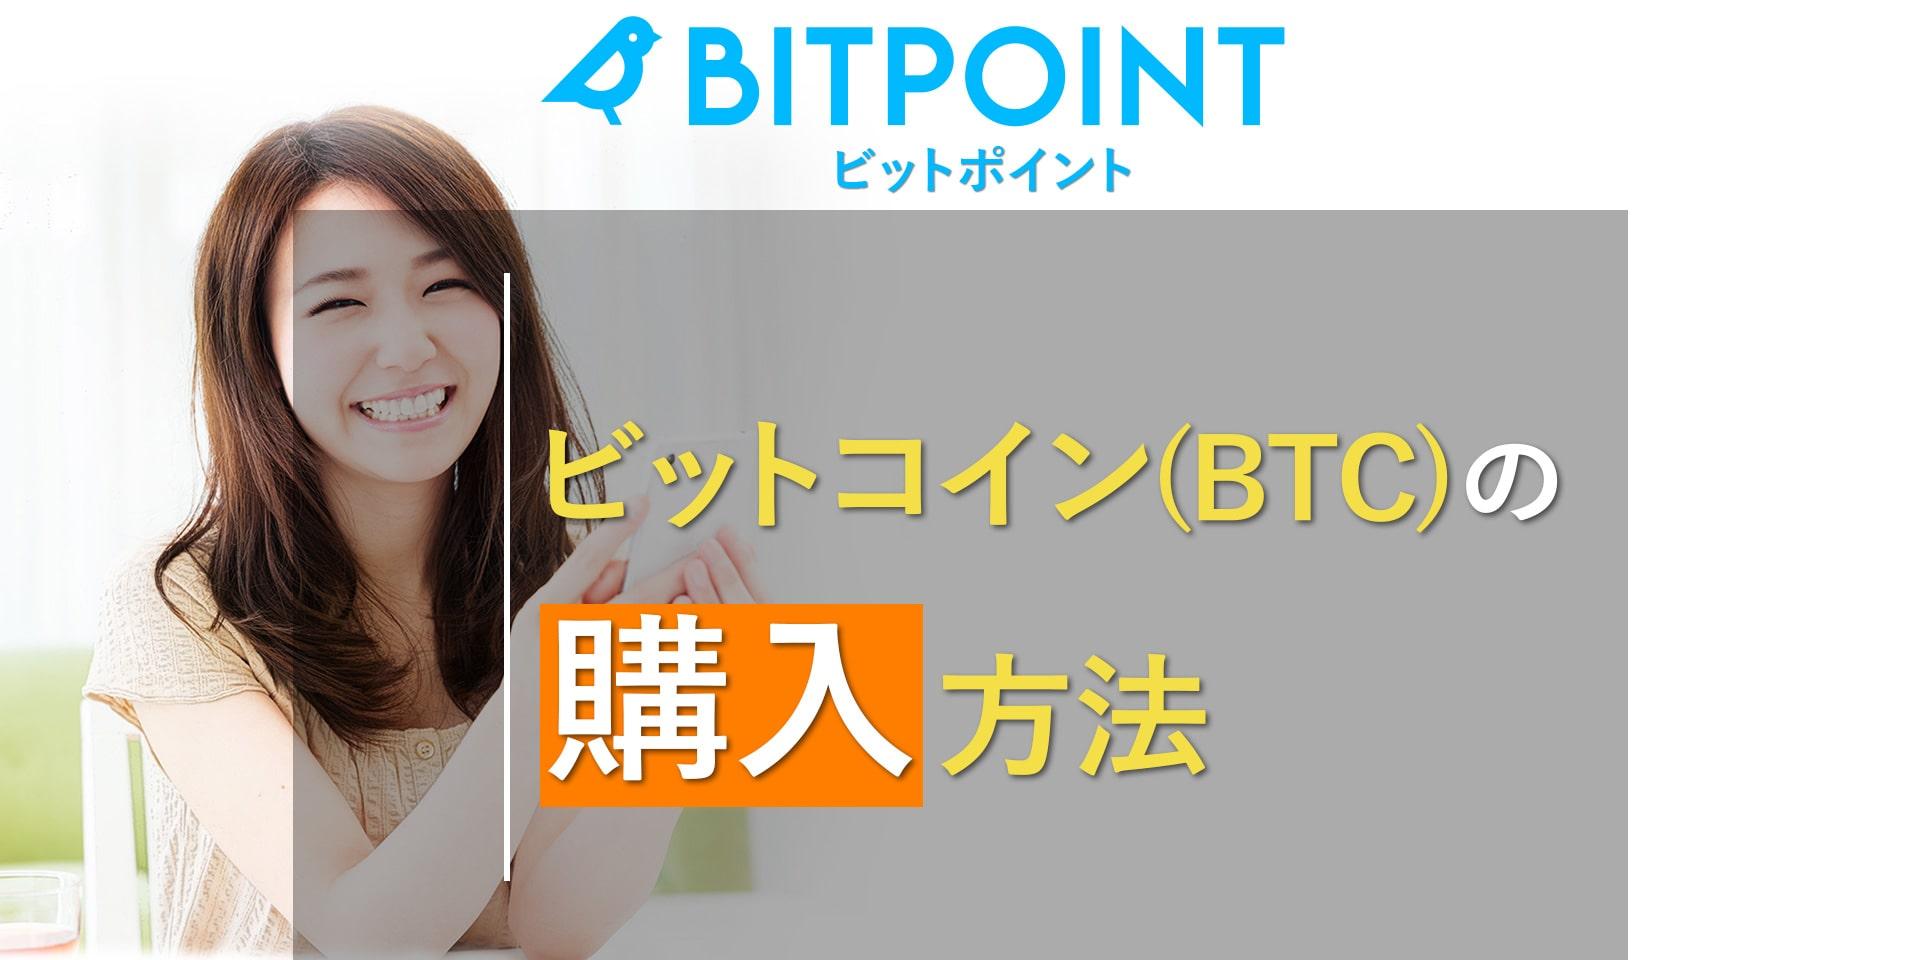 BITPoint(ビットポイント)でのビットコイン(BTC)の購入方法を解説